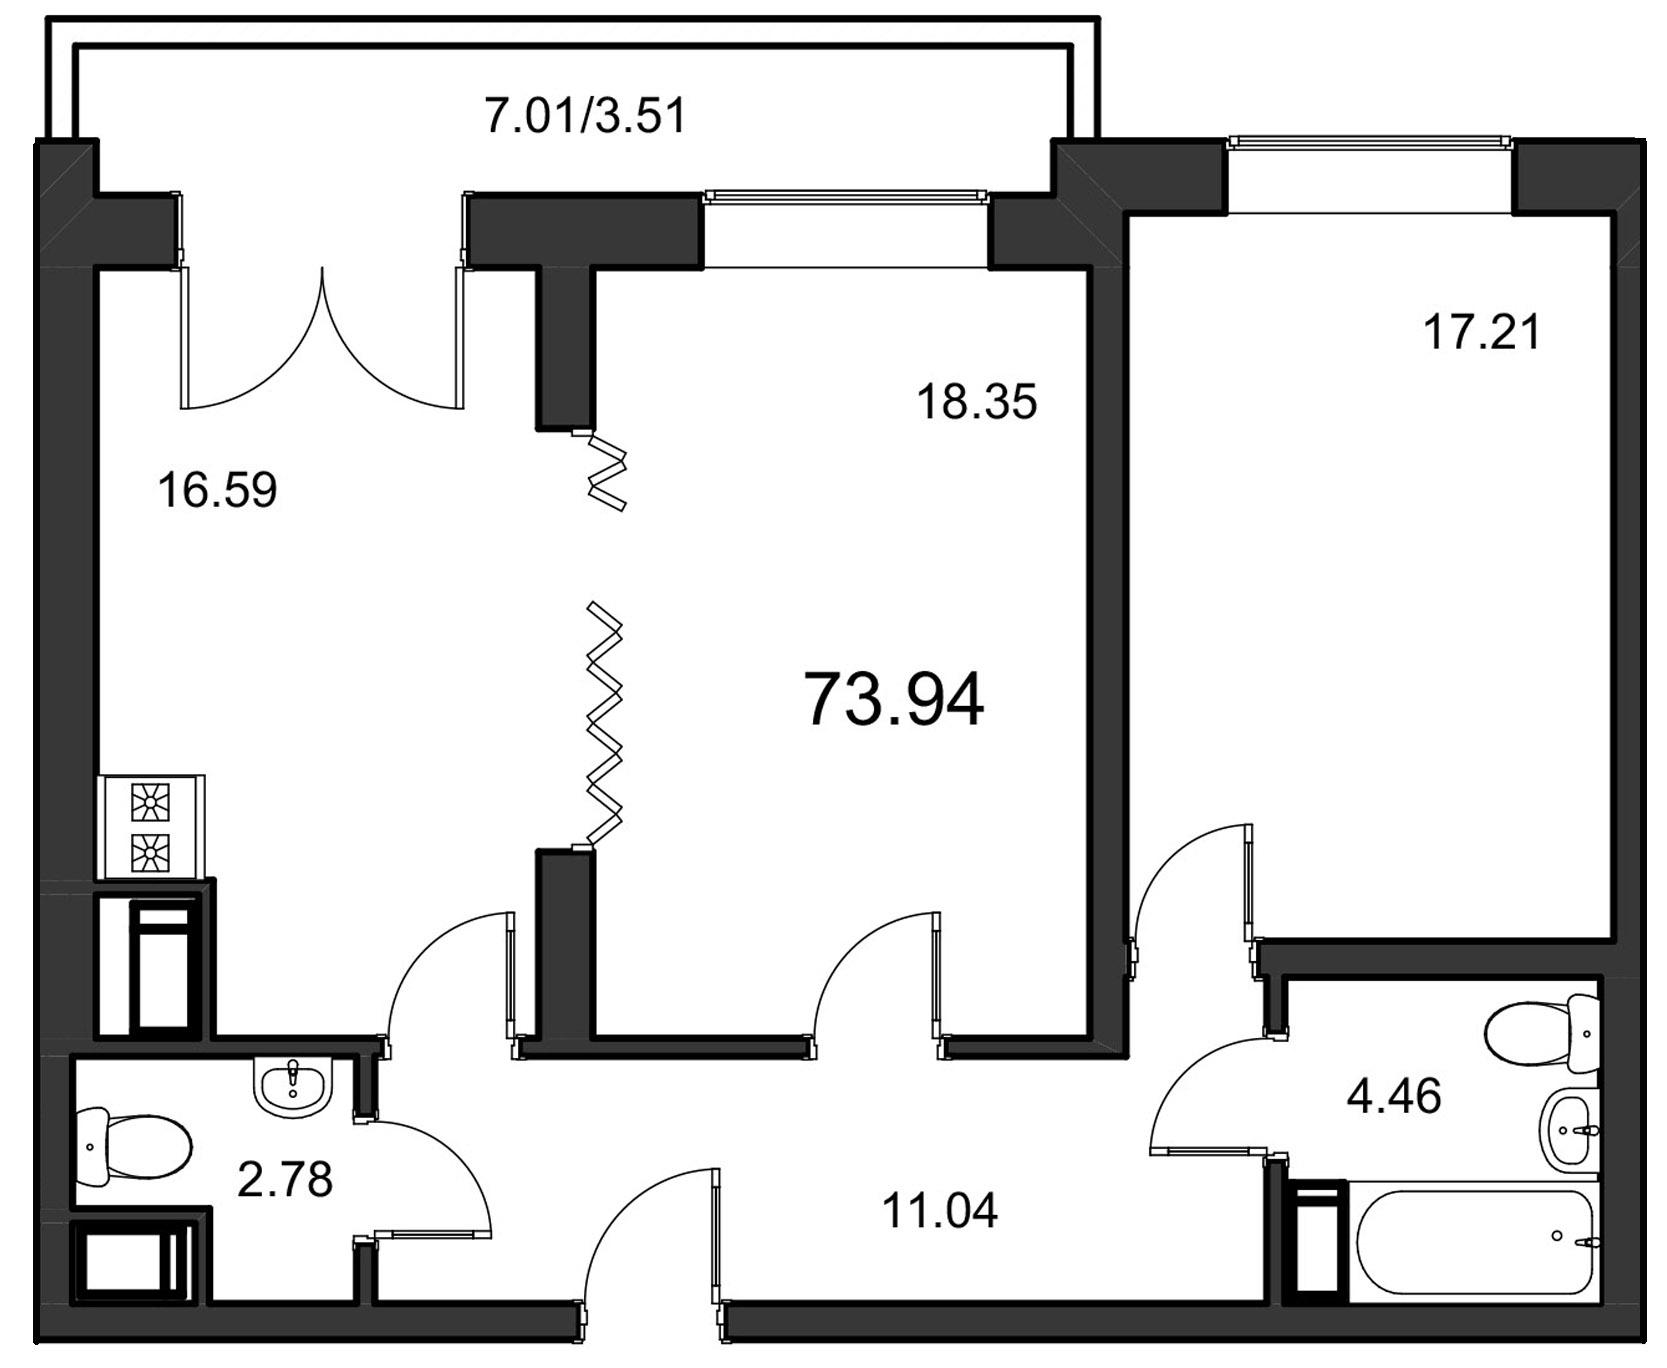 Планировка Двухкомнатная квартира площадью 73.94 кв.м в ЖК «Leningrad»